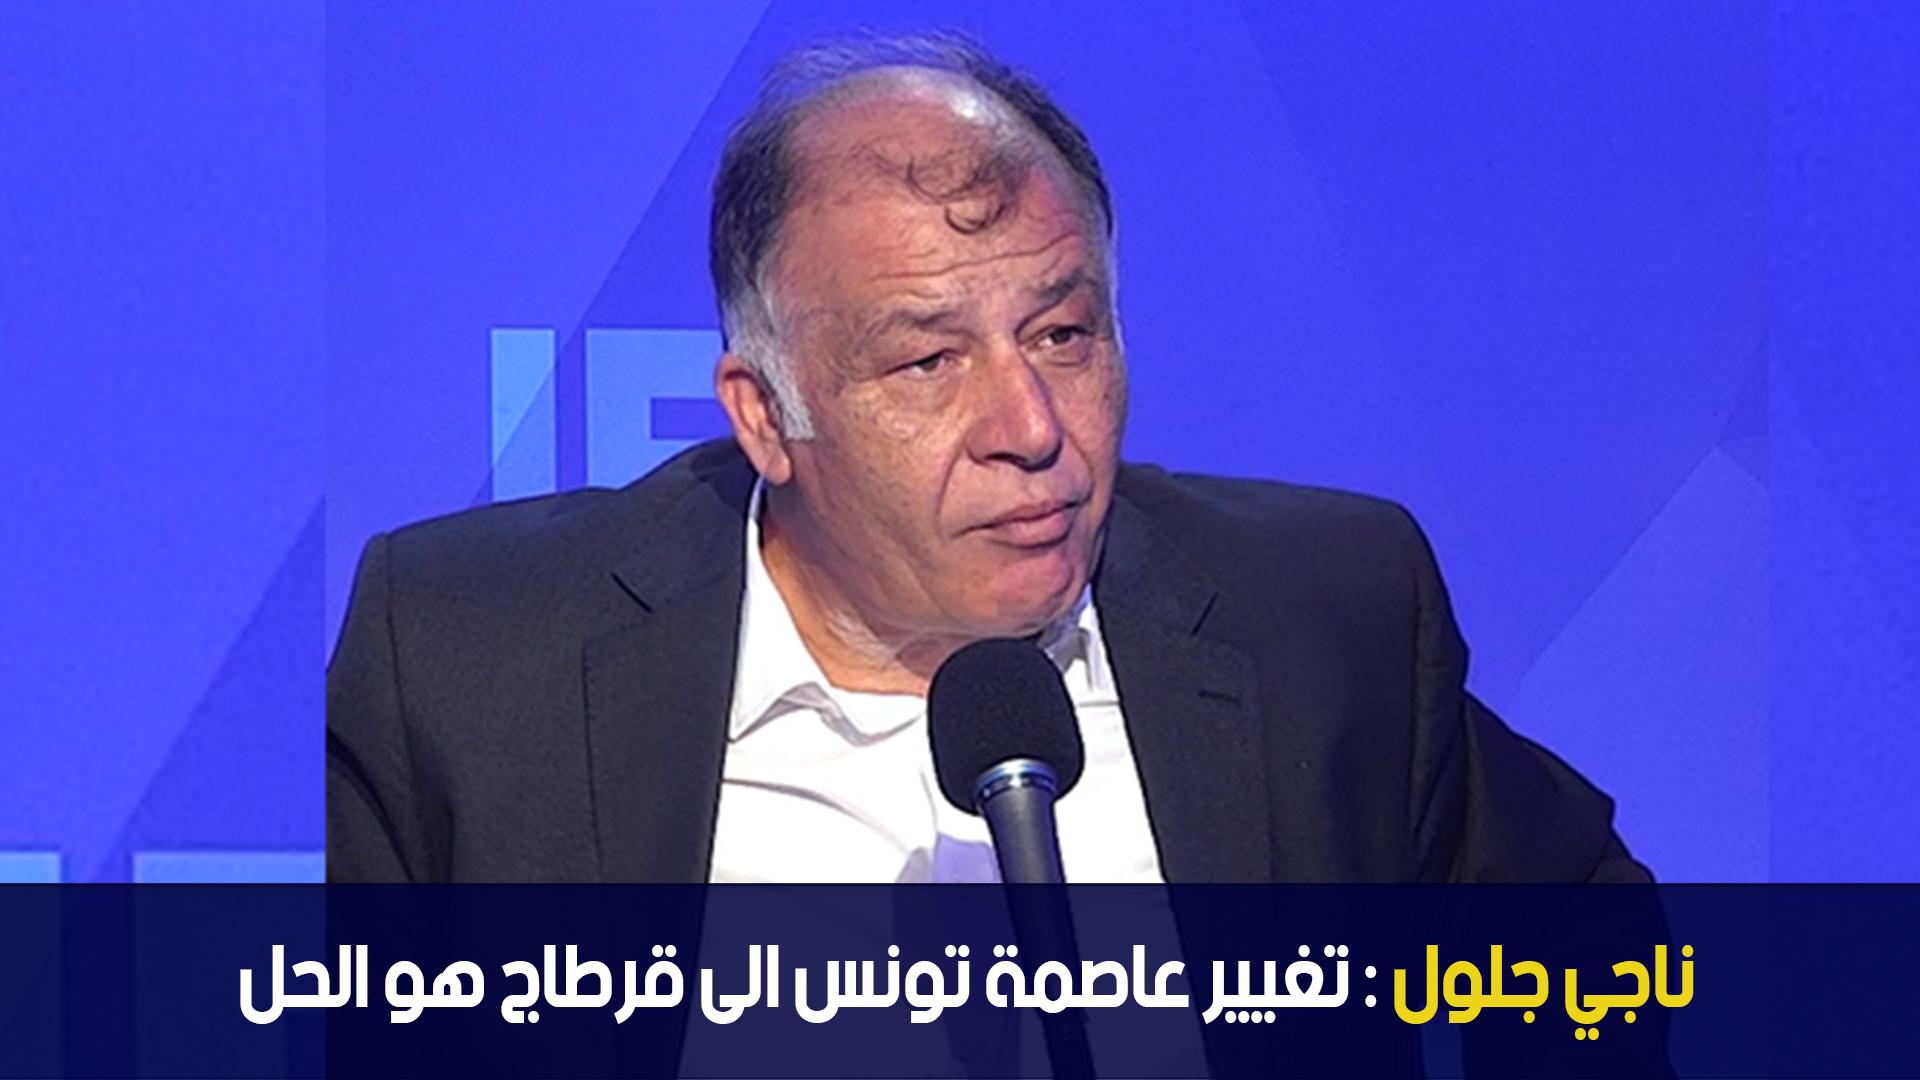 ناجي جلول : تغيير عاصمة تونس الى قرطاج هو الحل